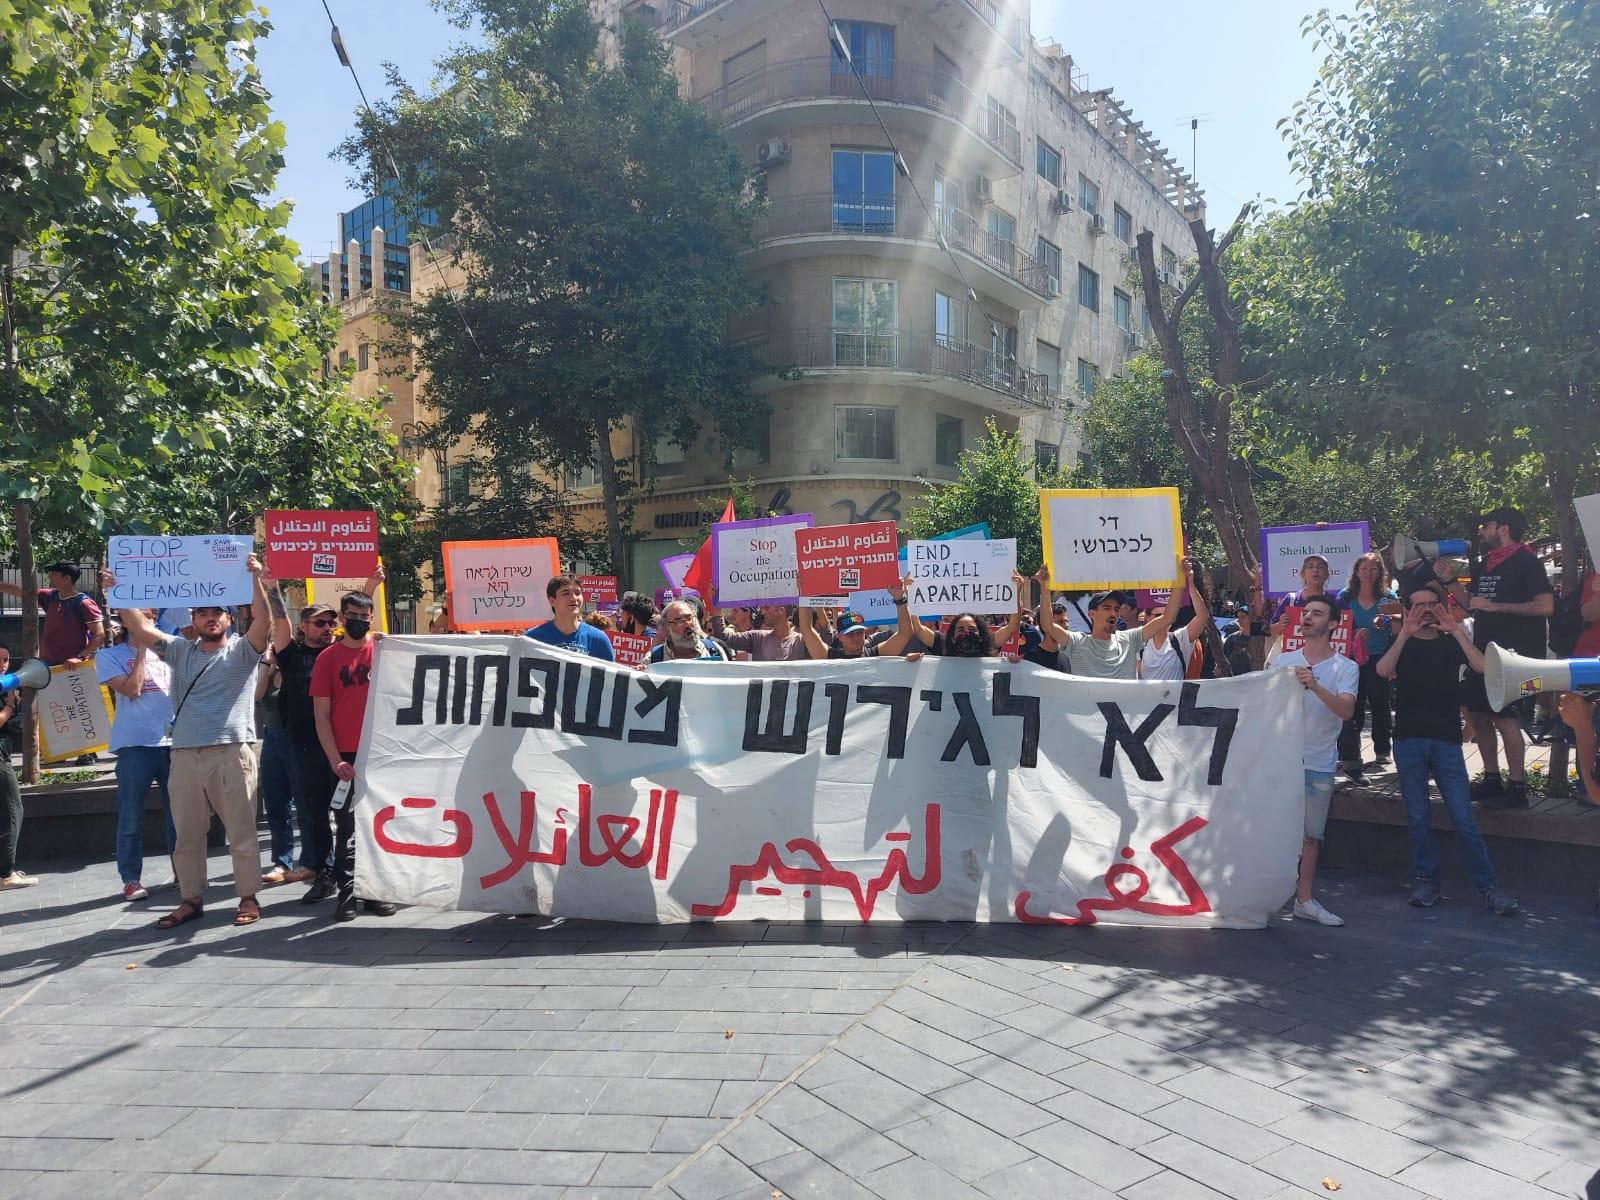 מאות צעדו ממרכז העיר ירושלים לשכונת שייח' ג'ראח במחאה על פינוי המשפחות הפלסטיניות